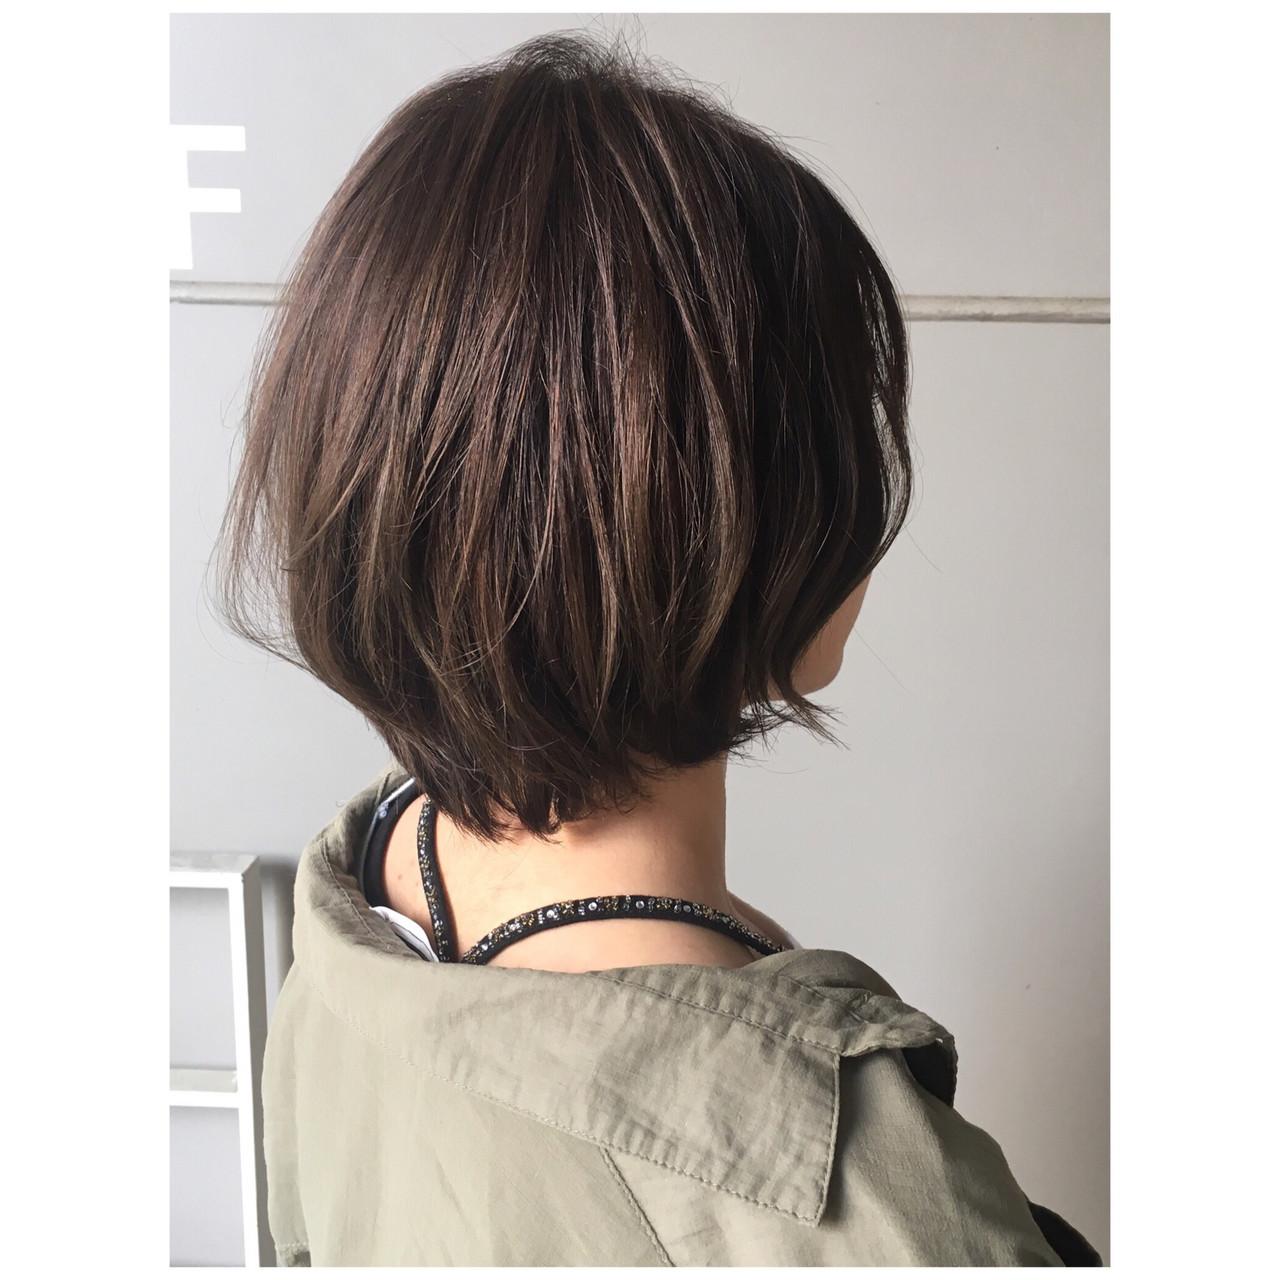 ナチュラル ショートボブ ショートヘア カーキ ヘアスタイルや髪型の写真・画像